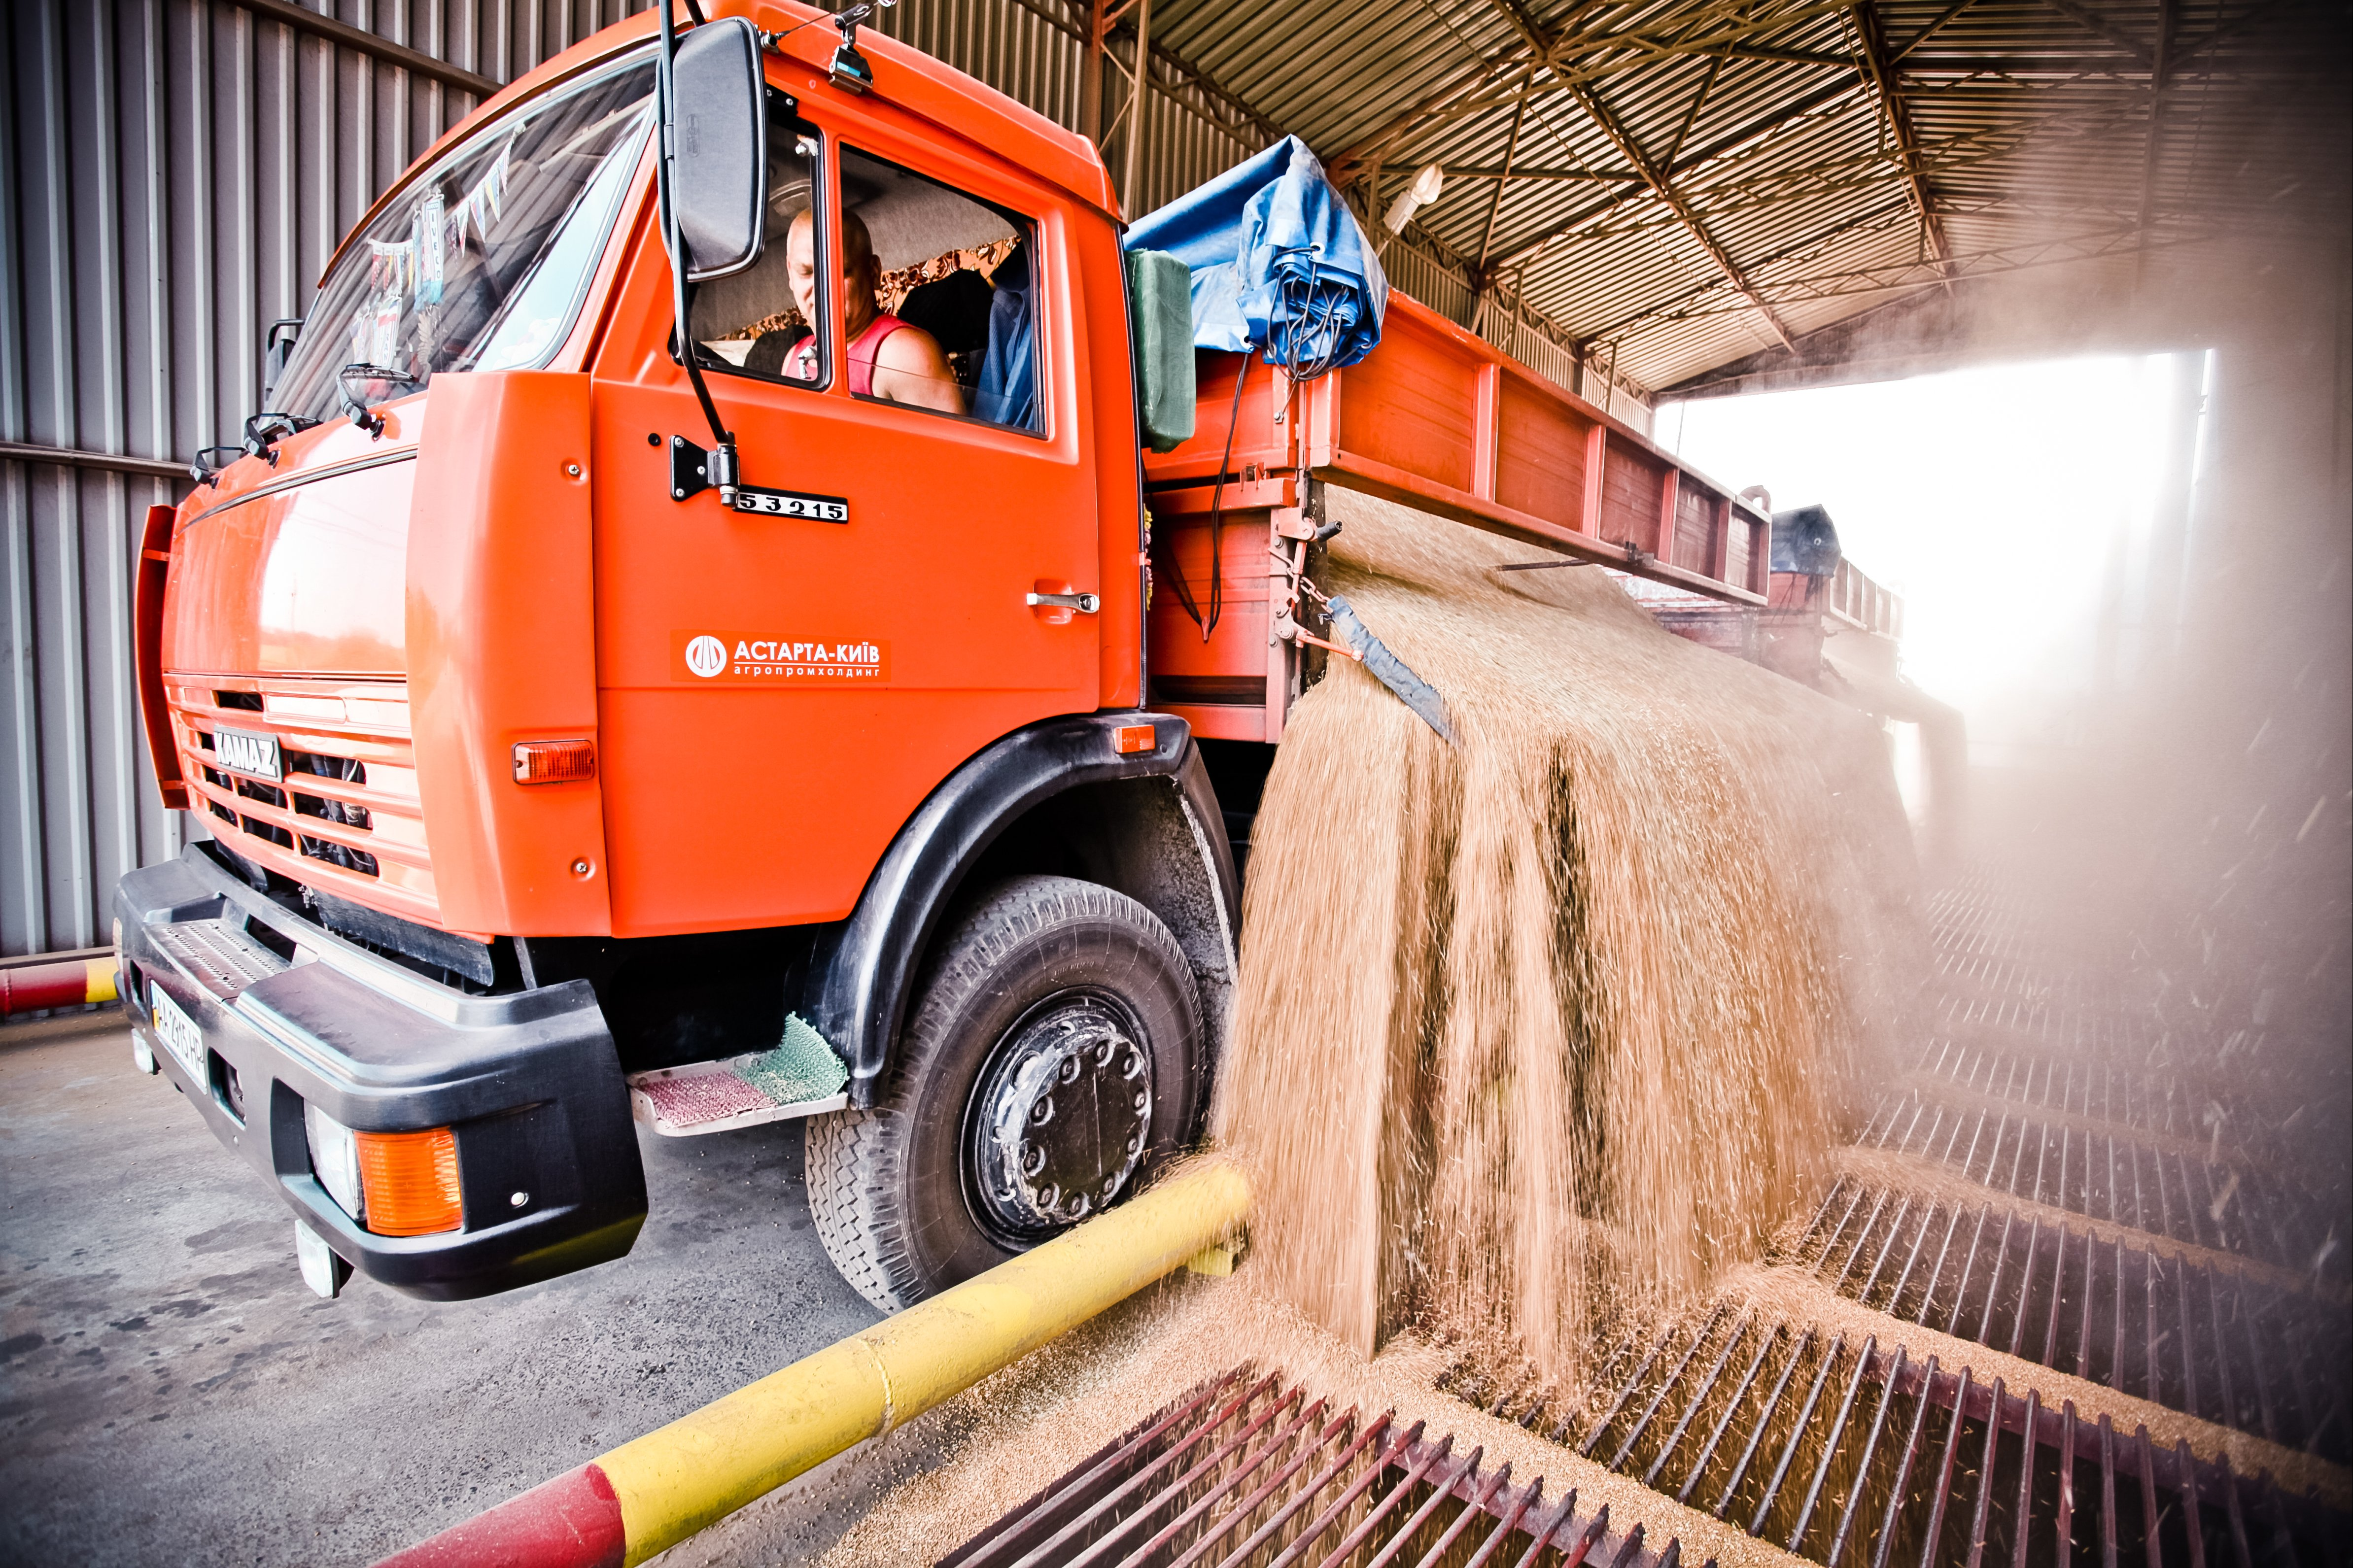 Молочное животноводство может стать четвертым направлением бизнеса Иванчика